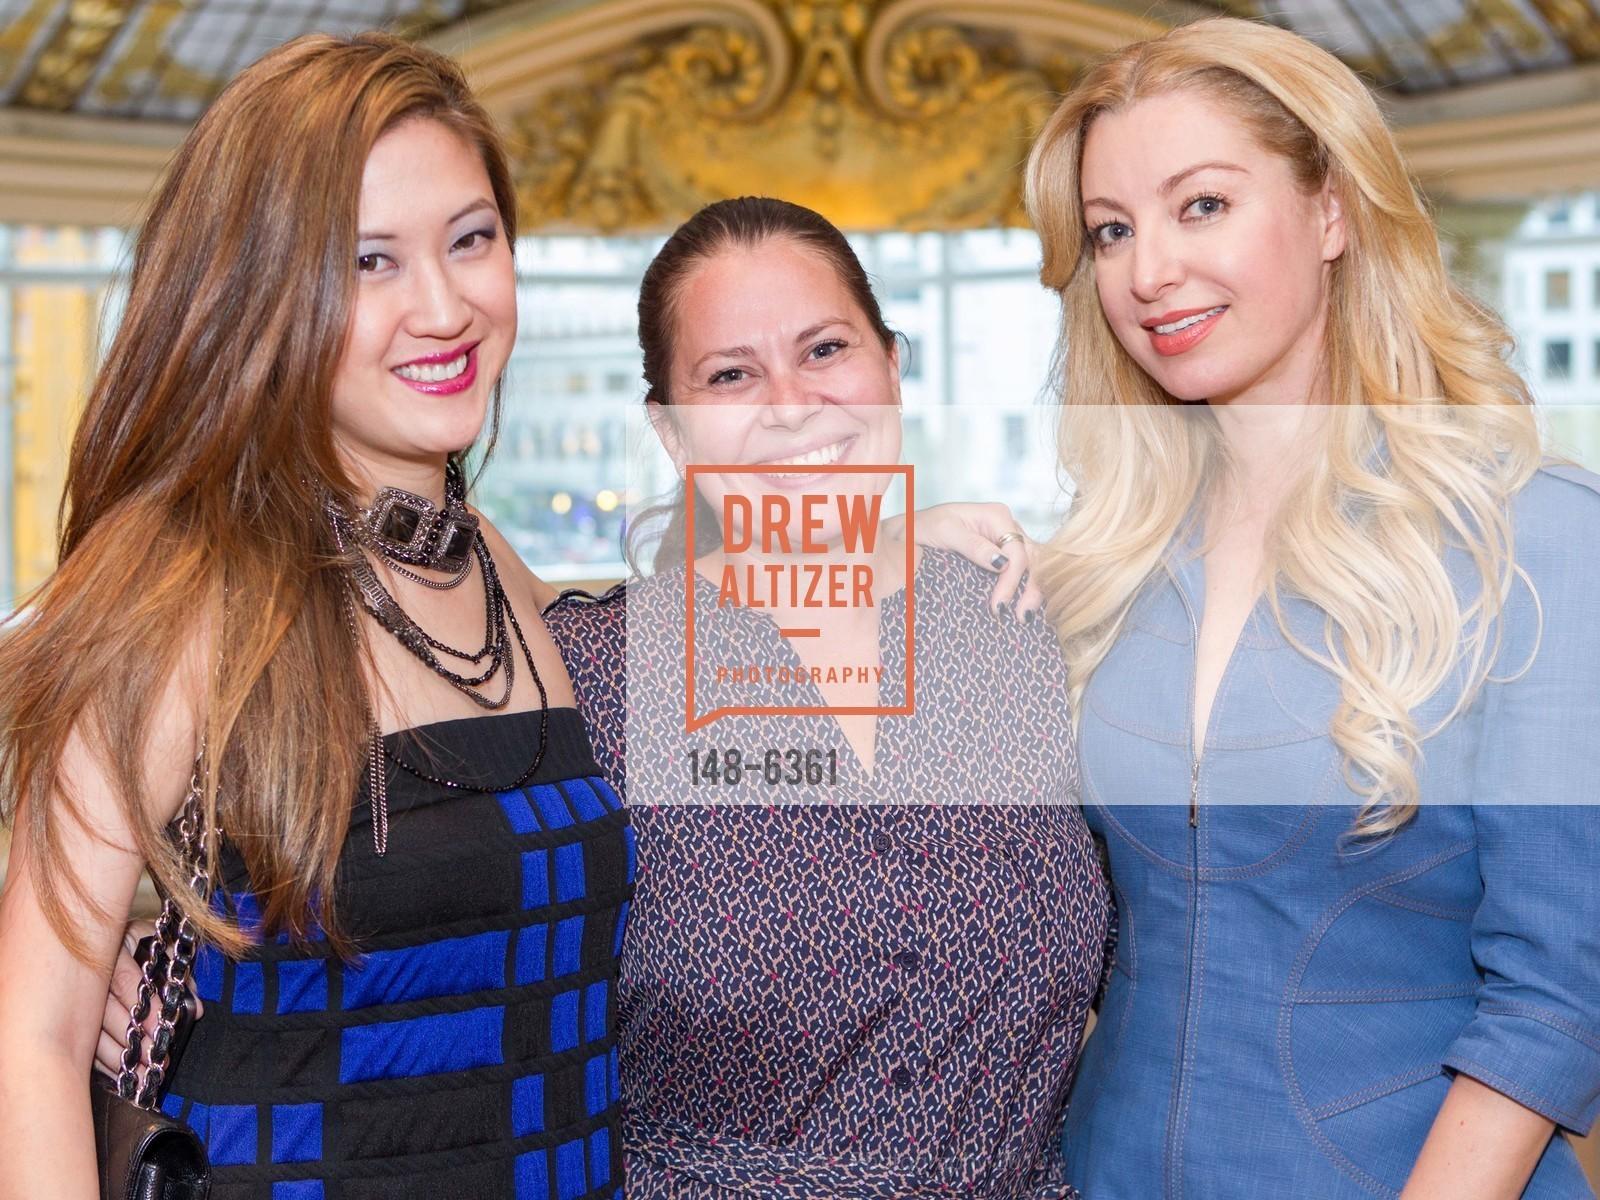 Jessica Hon, Lindsay Stevens, Sonya Molodetskaya, Photo #148-6361